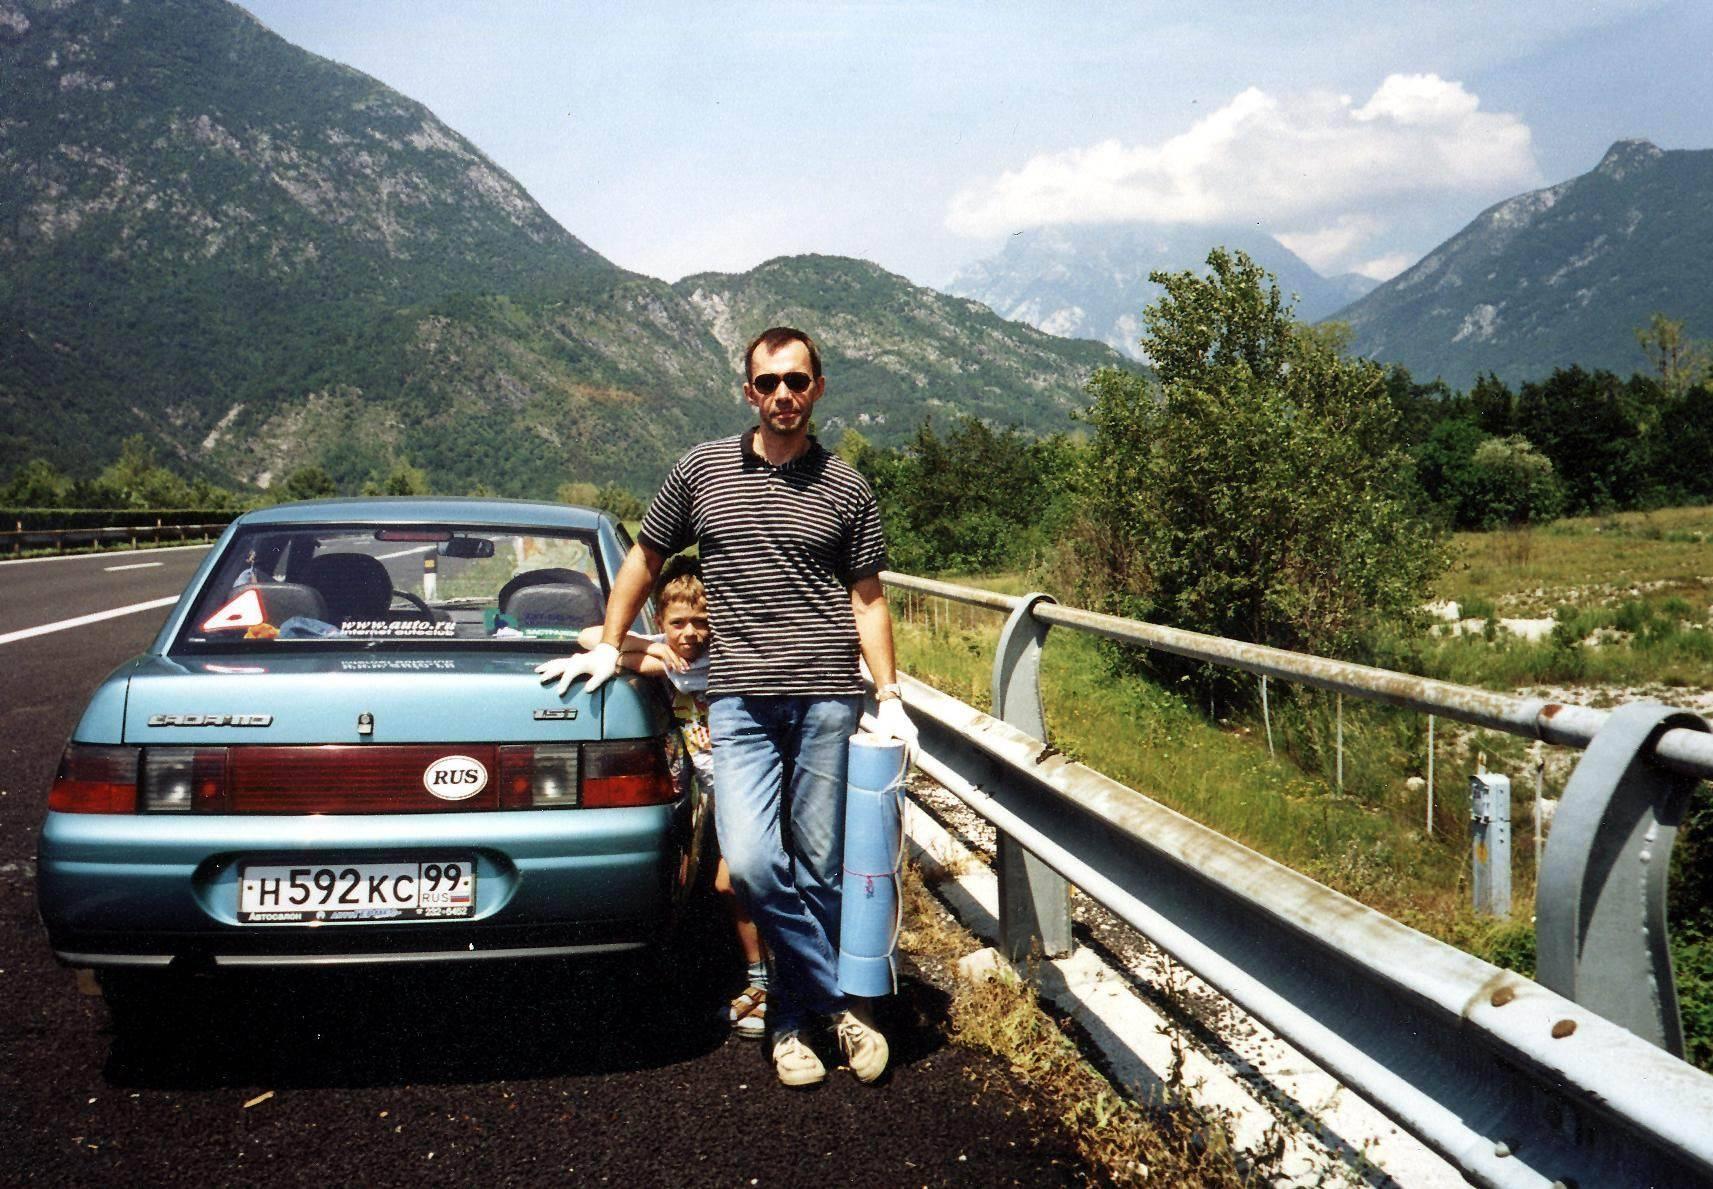 Из москвы в италию на машине: выбор маршрута, расстояние, примерное время в пути, отели, дорожные кафе, зоны отдыха, советы и отзывы туристов